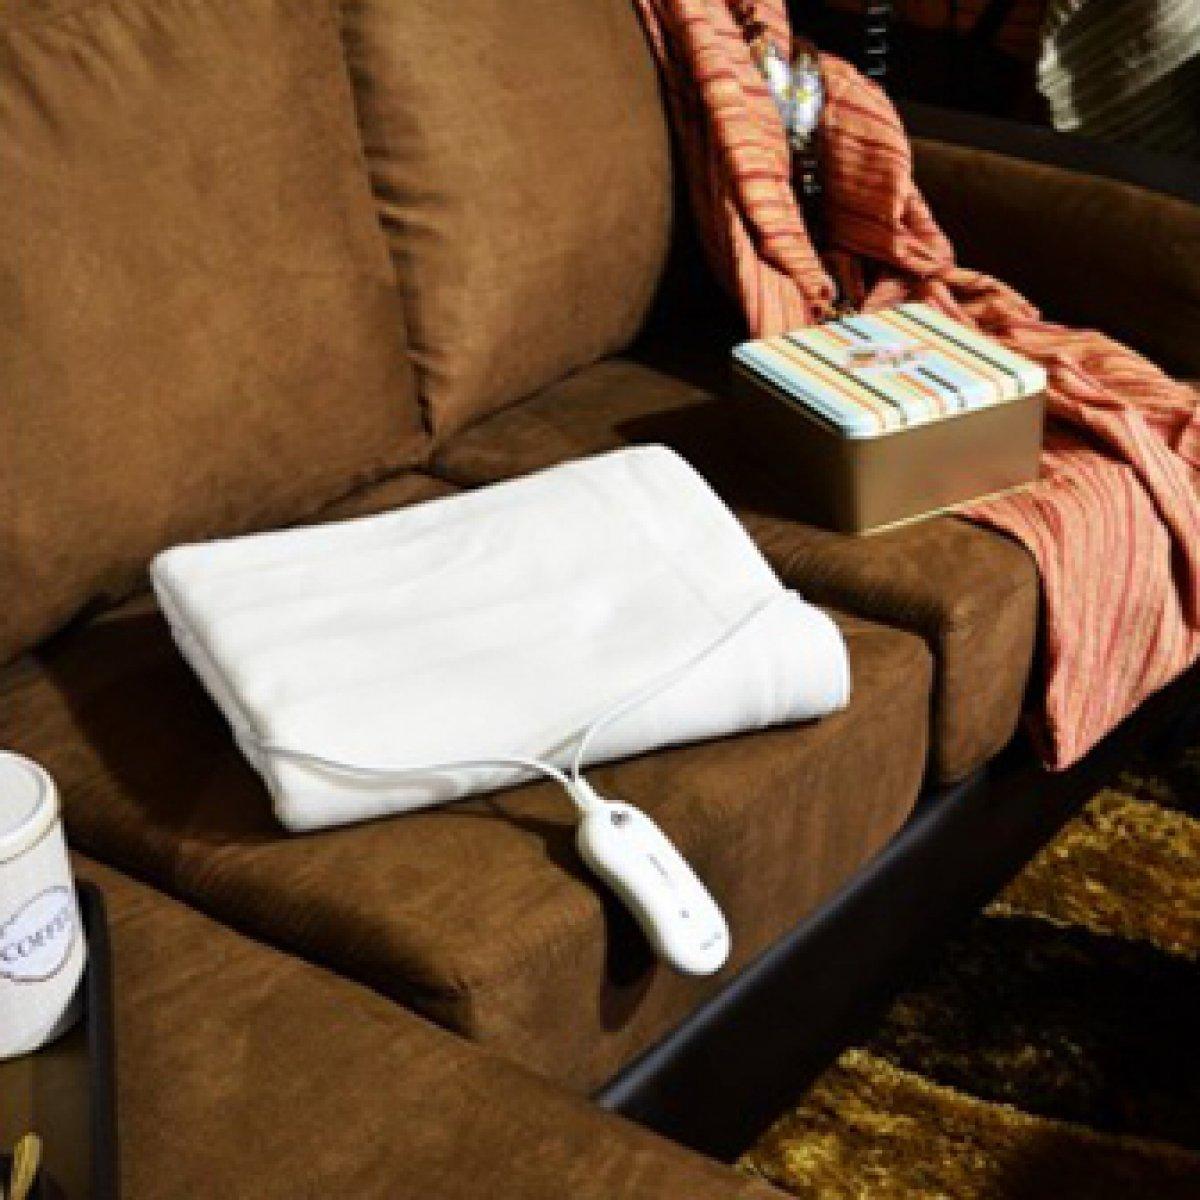 Ηλεκτρικές κουβέρτες - Υποστρώματα | Mymegamarket.gr